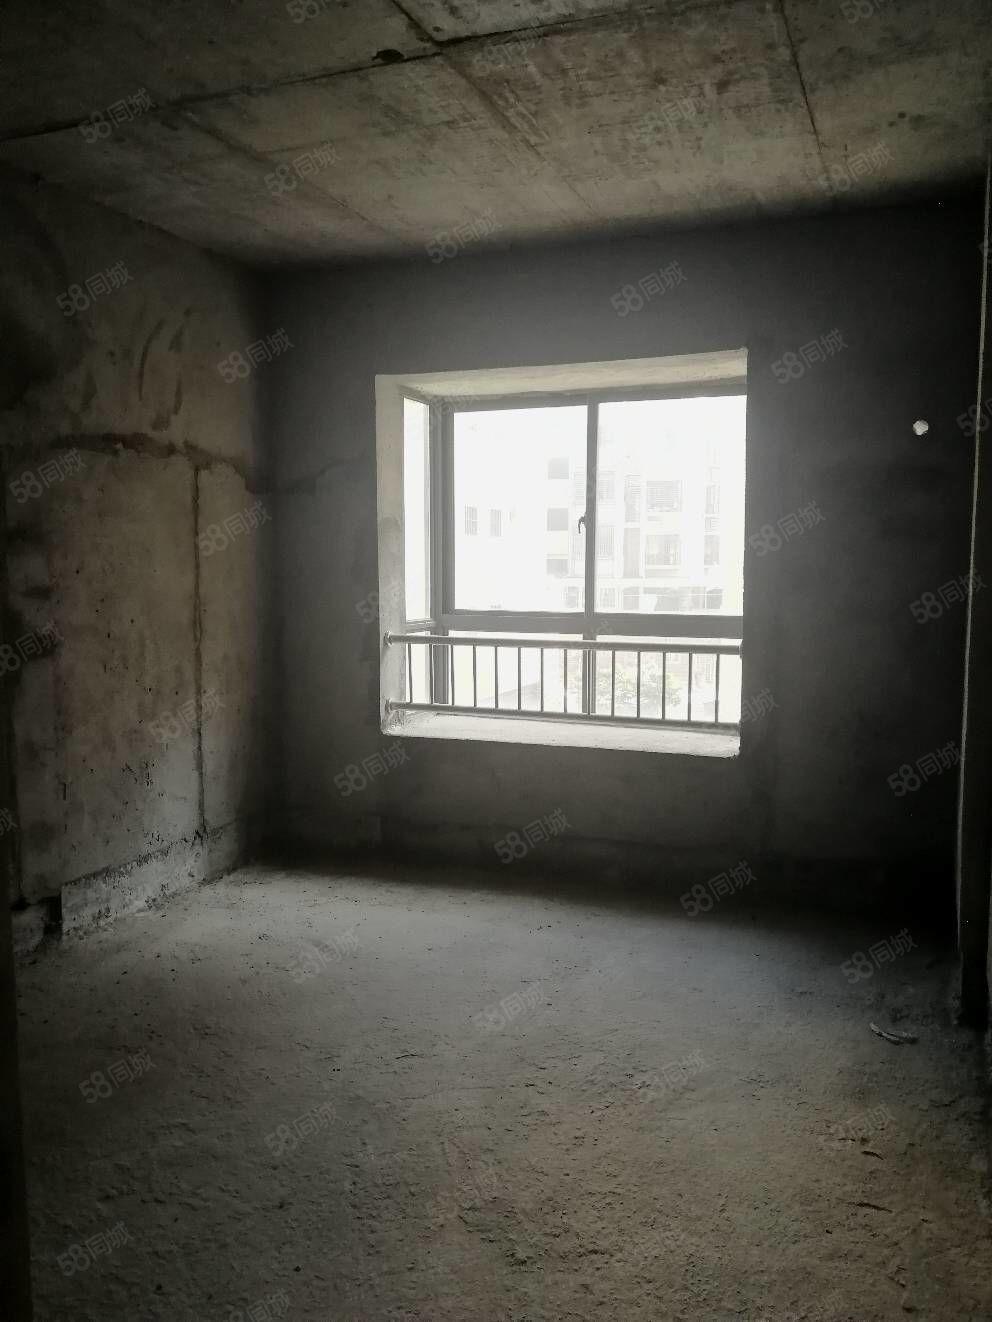 中央公�@套房出售,面�e85平方米,三房��d,毛坯房,�梯房